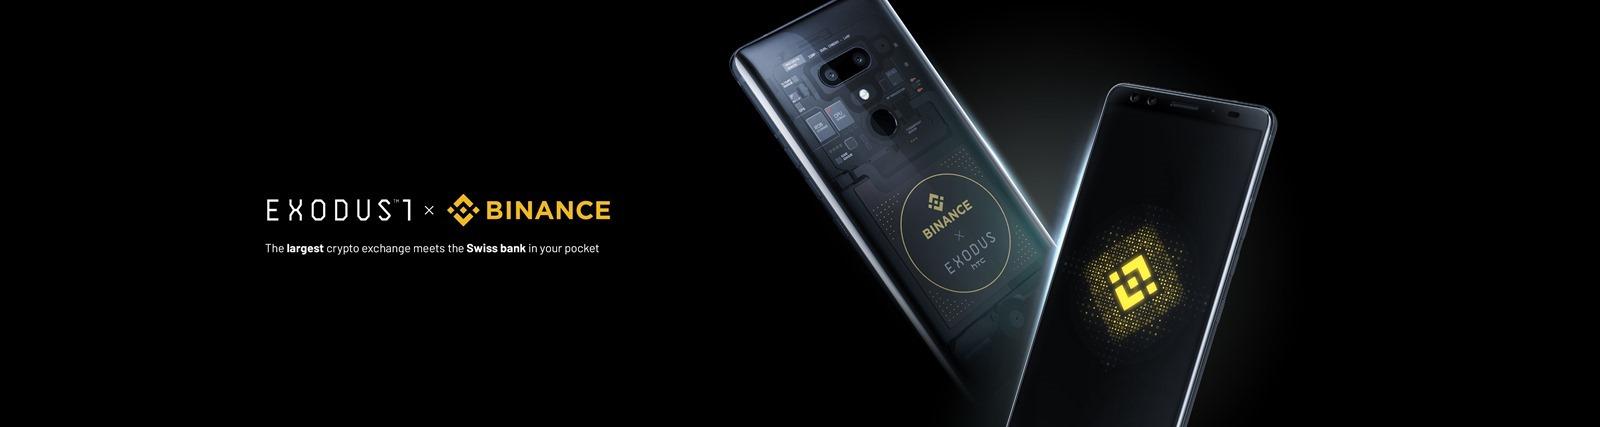 HTC 與 Binance 宣布合作推出 EXODUS 1 聯名加密手機 @3C 達人廖阿輝